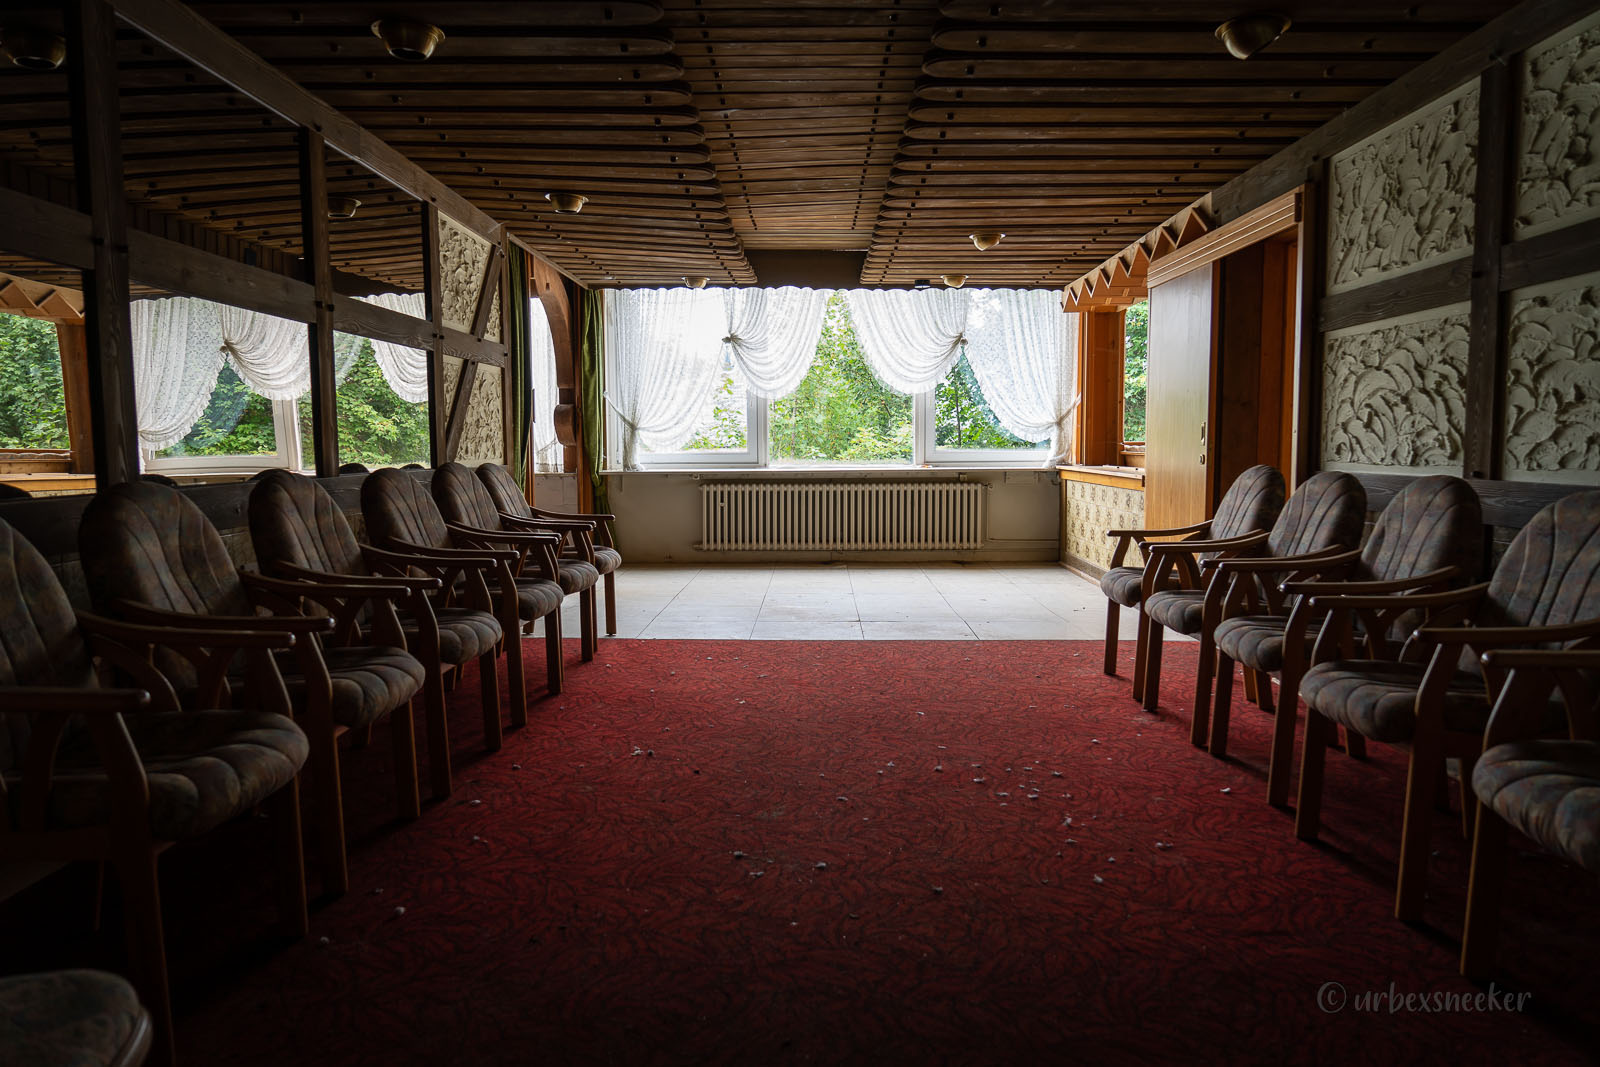 verlassenes hotel harz v-l zwischenraum